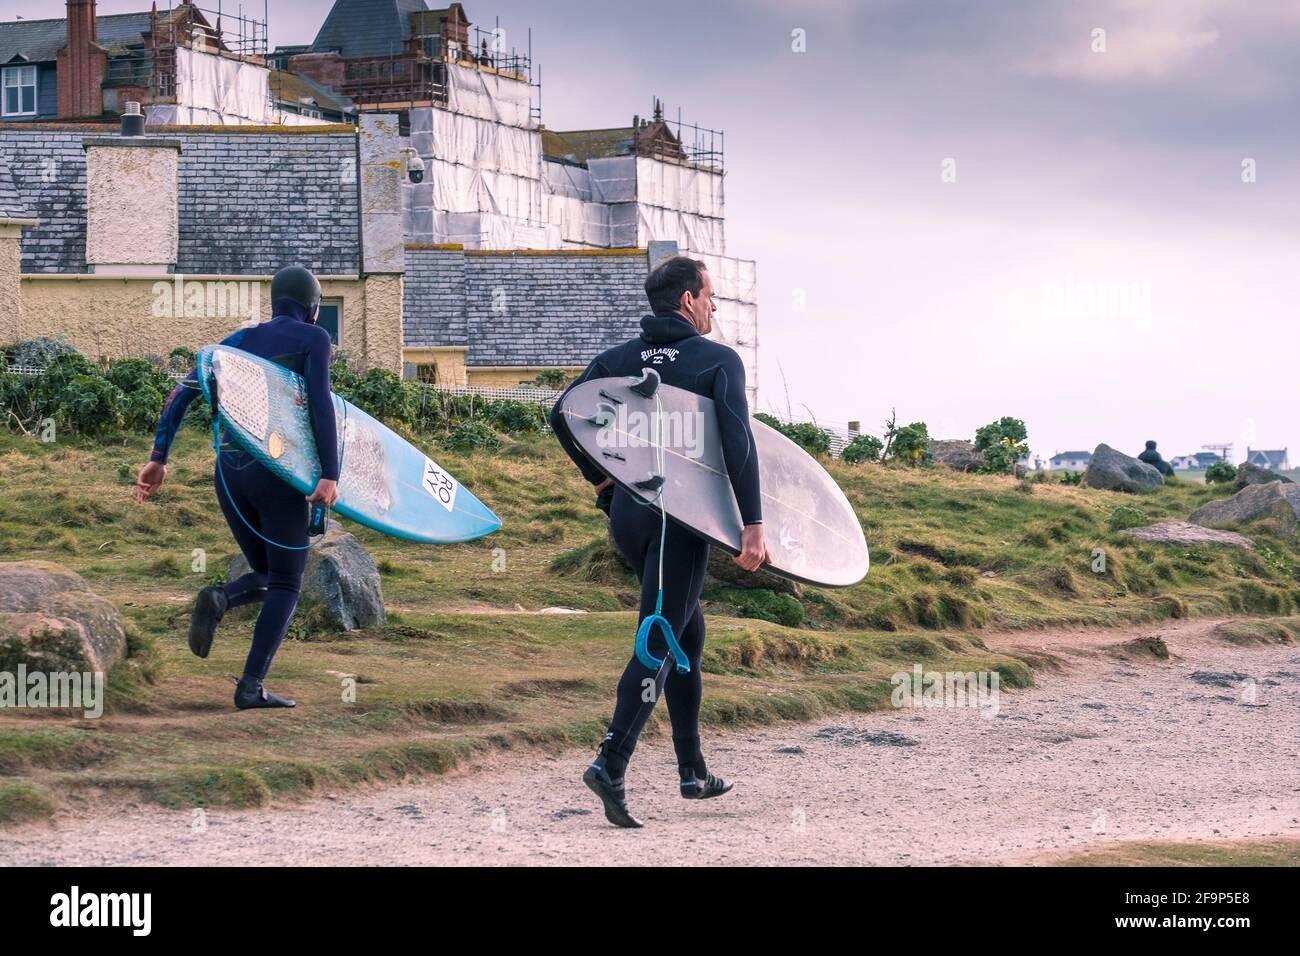 Deux surfeurs passionnés transportant leurs planches de surf et courant le long de la voie côtière sur la côte de Fistral à Newquay en Cornouailles. Banque D'Images